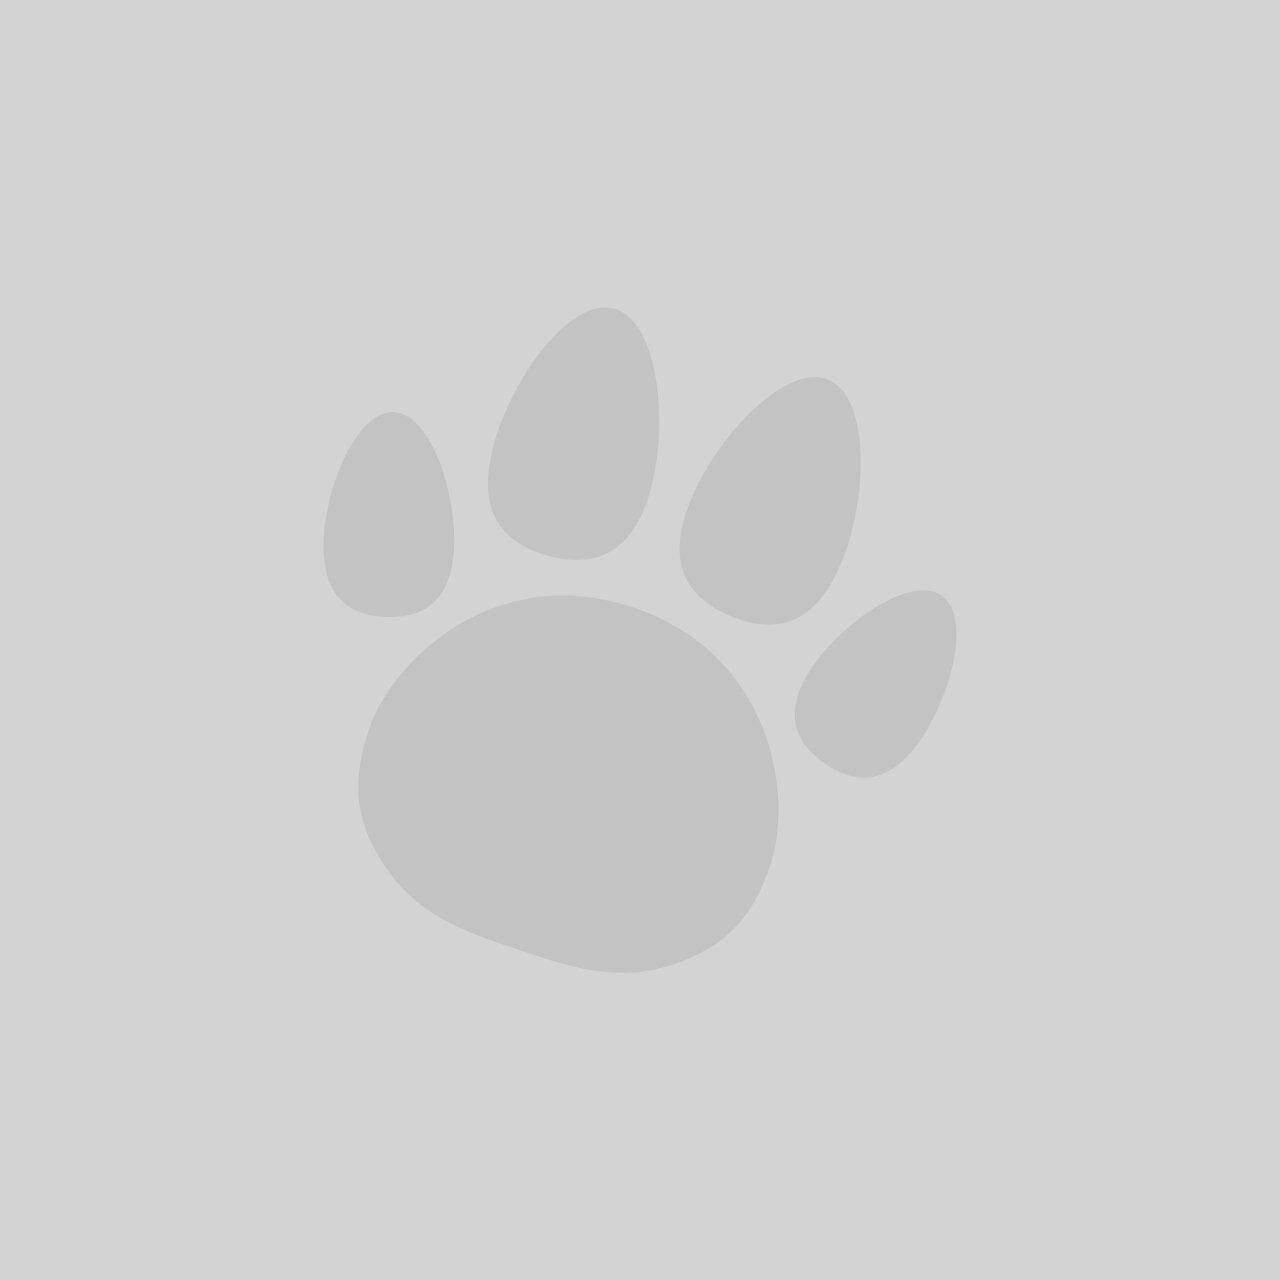 Nylabone Chicken Dura Chew Bone Wolf